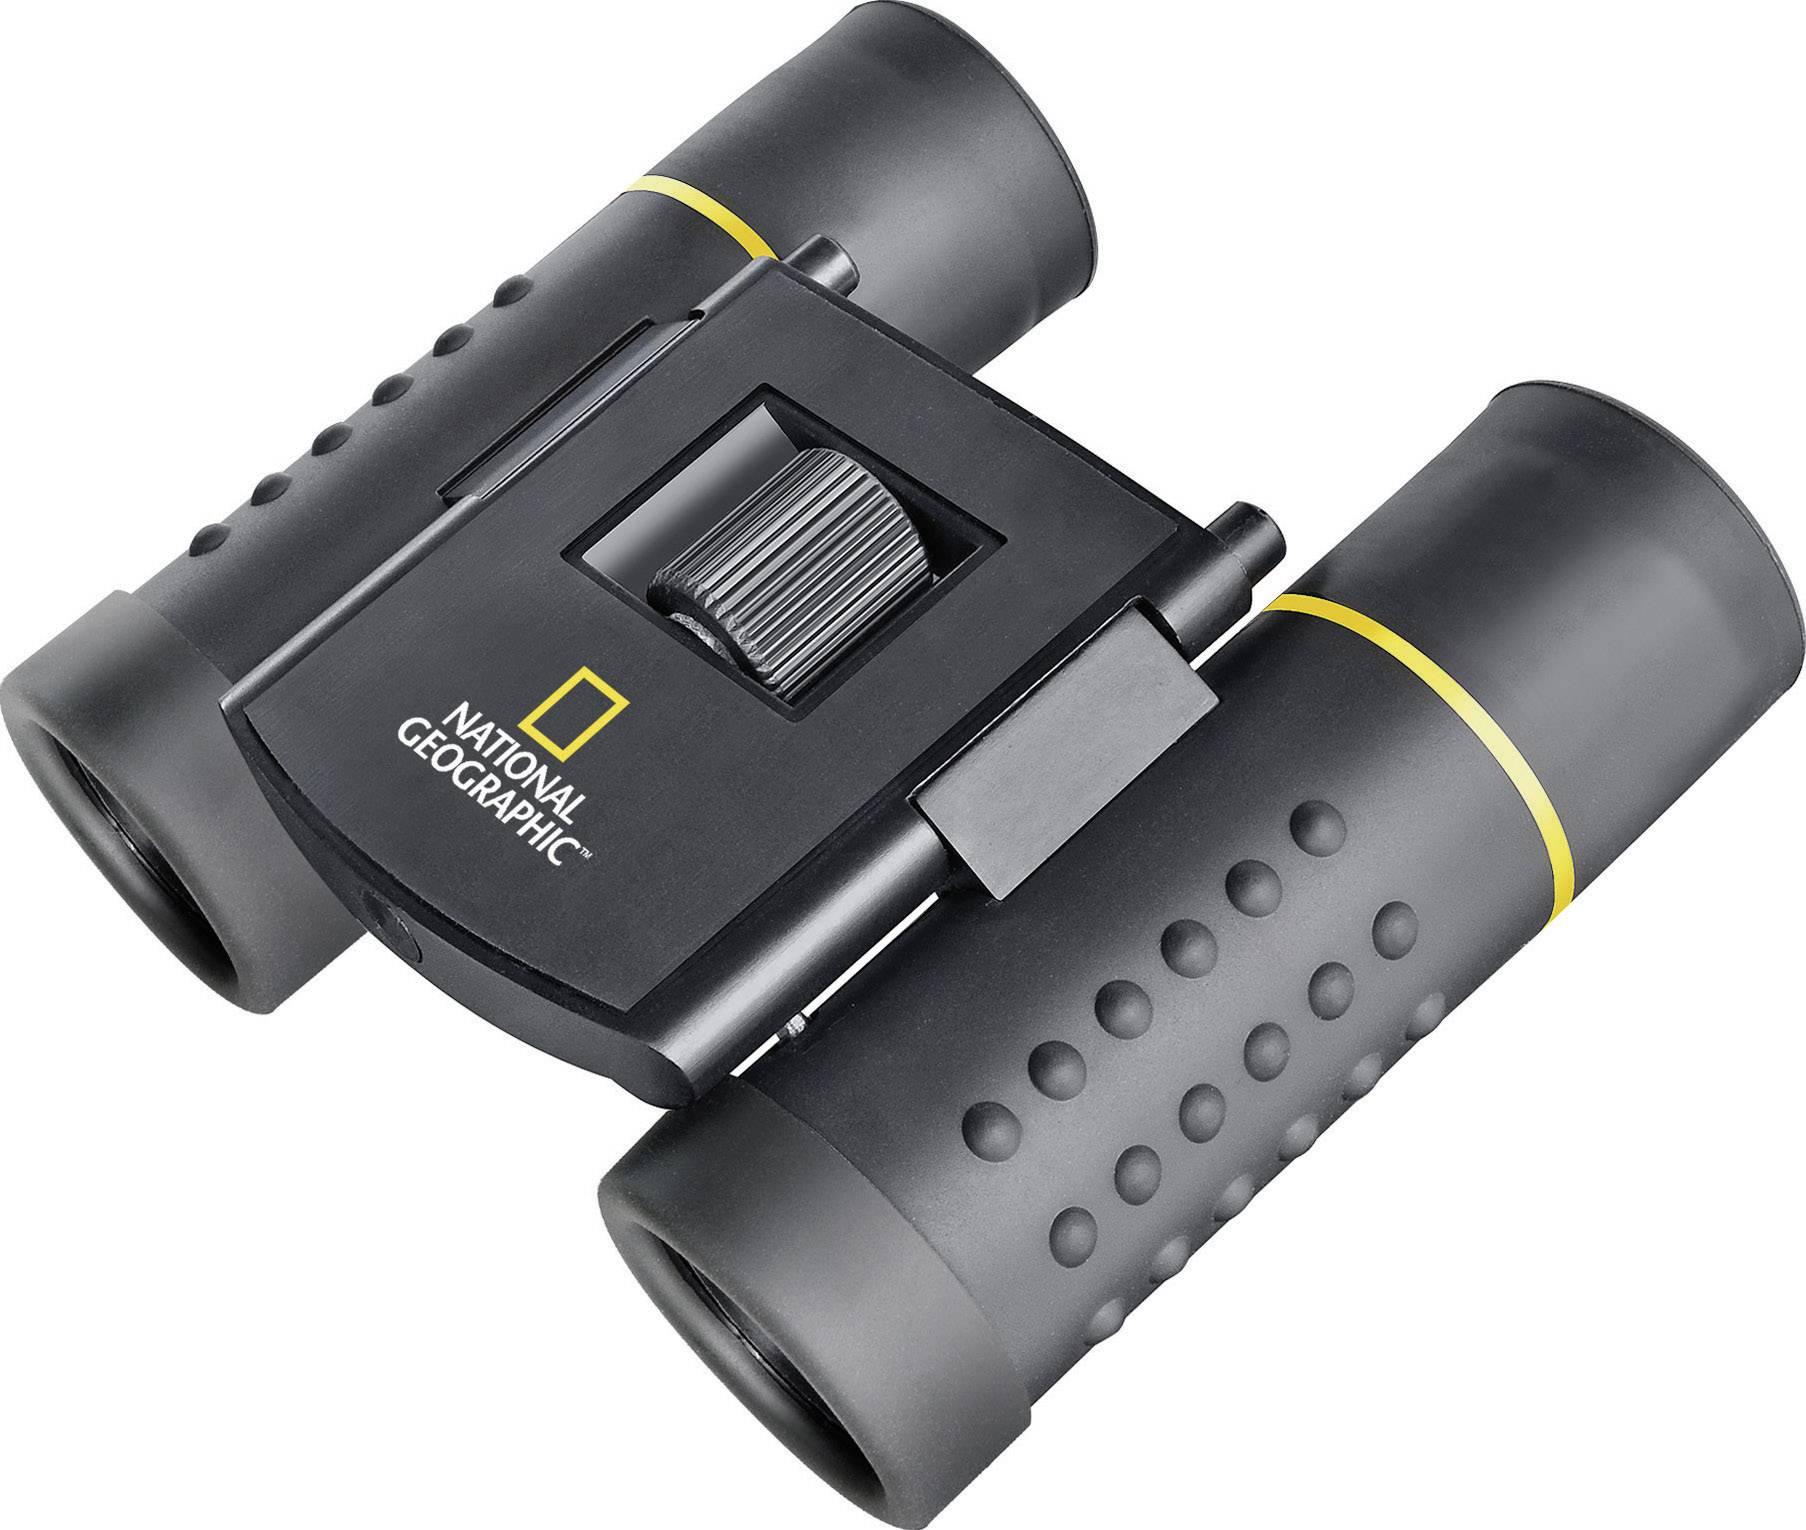 Kapesní dalekohled National Geographic 8x21, černá